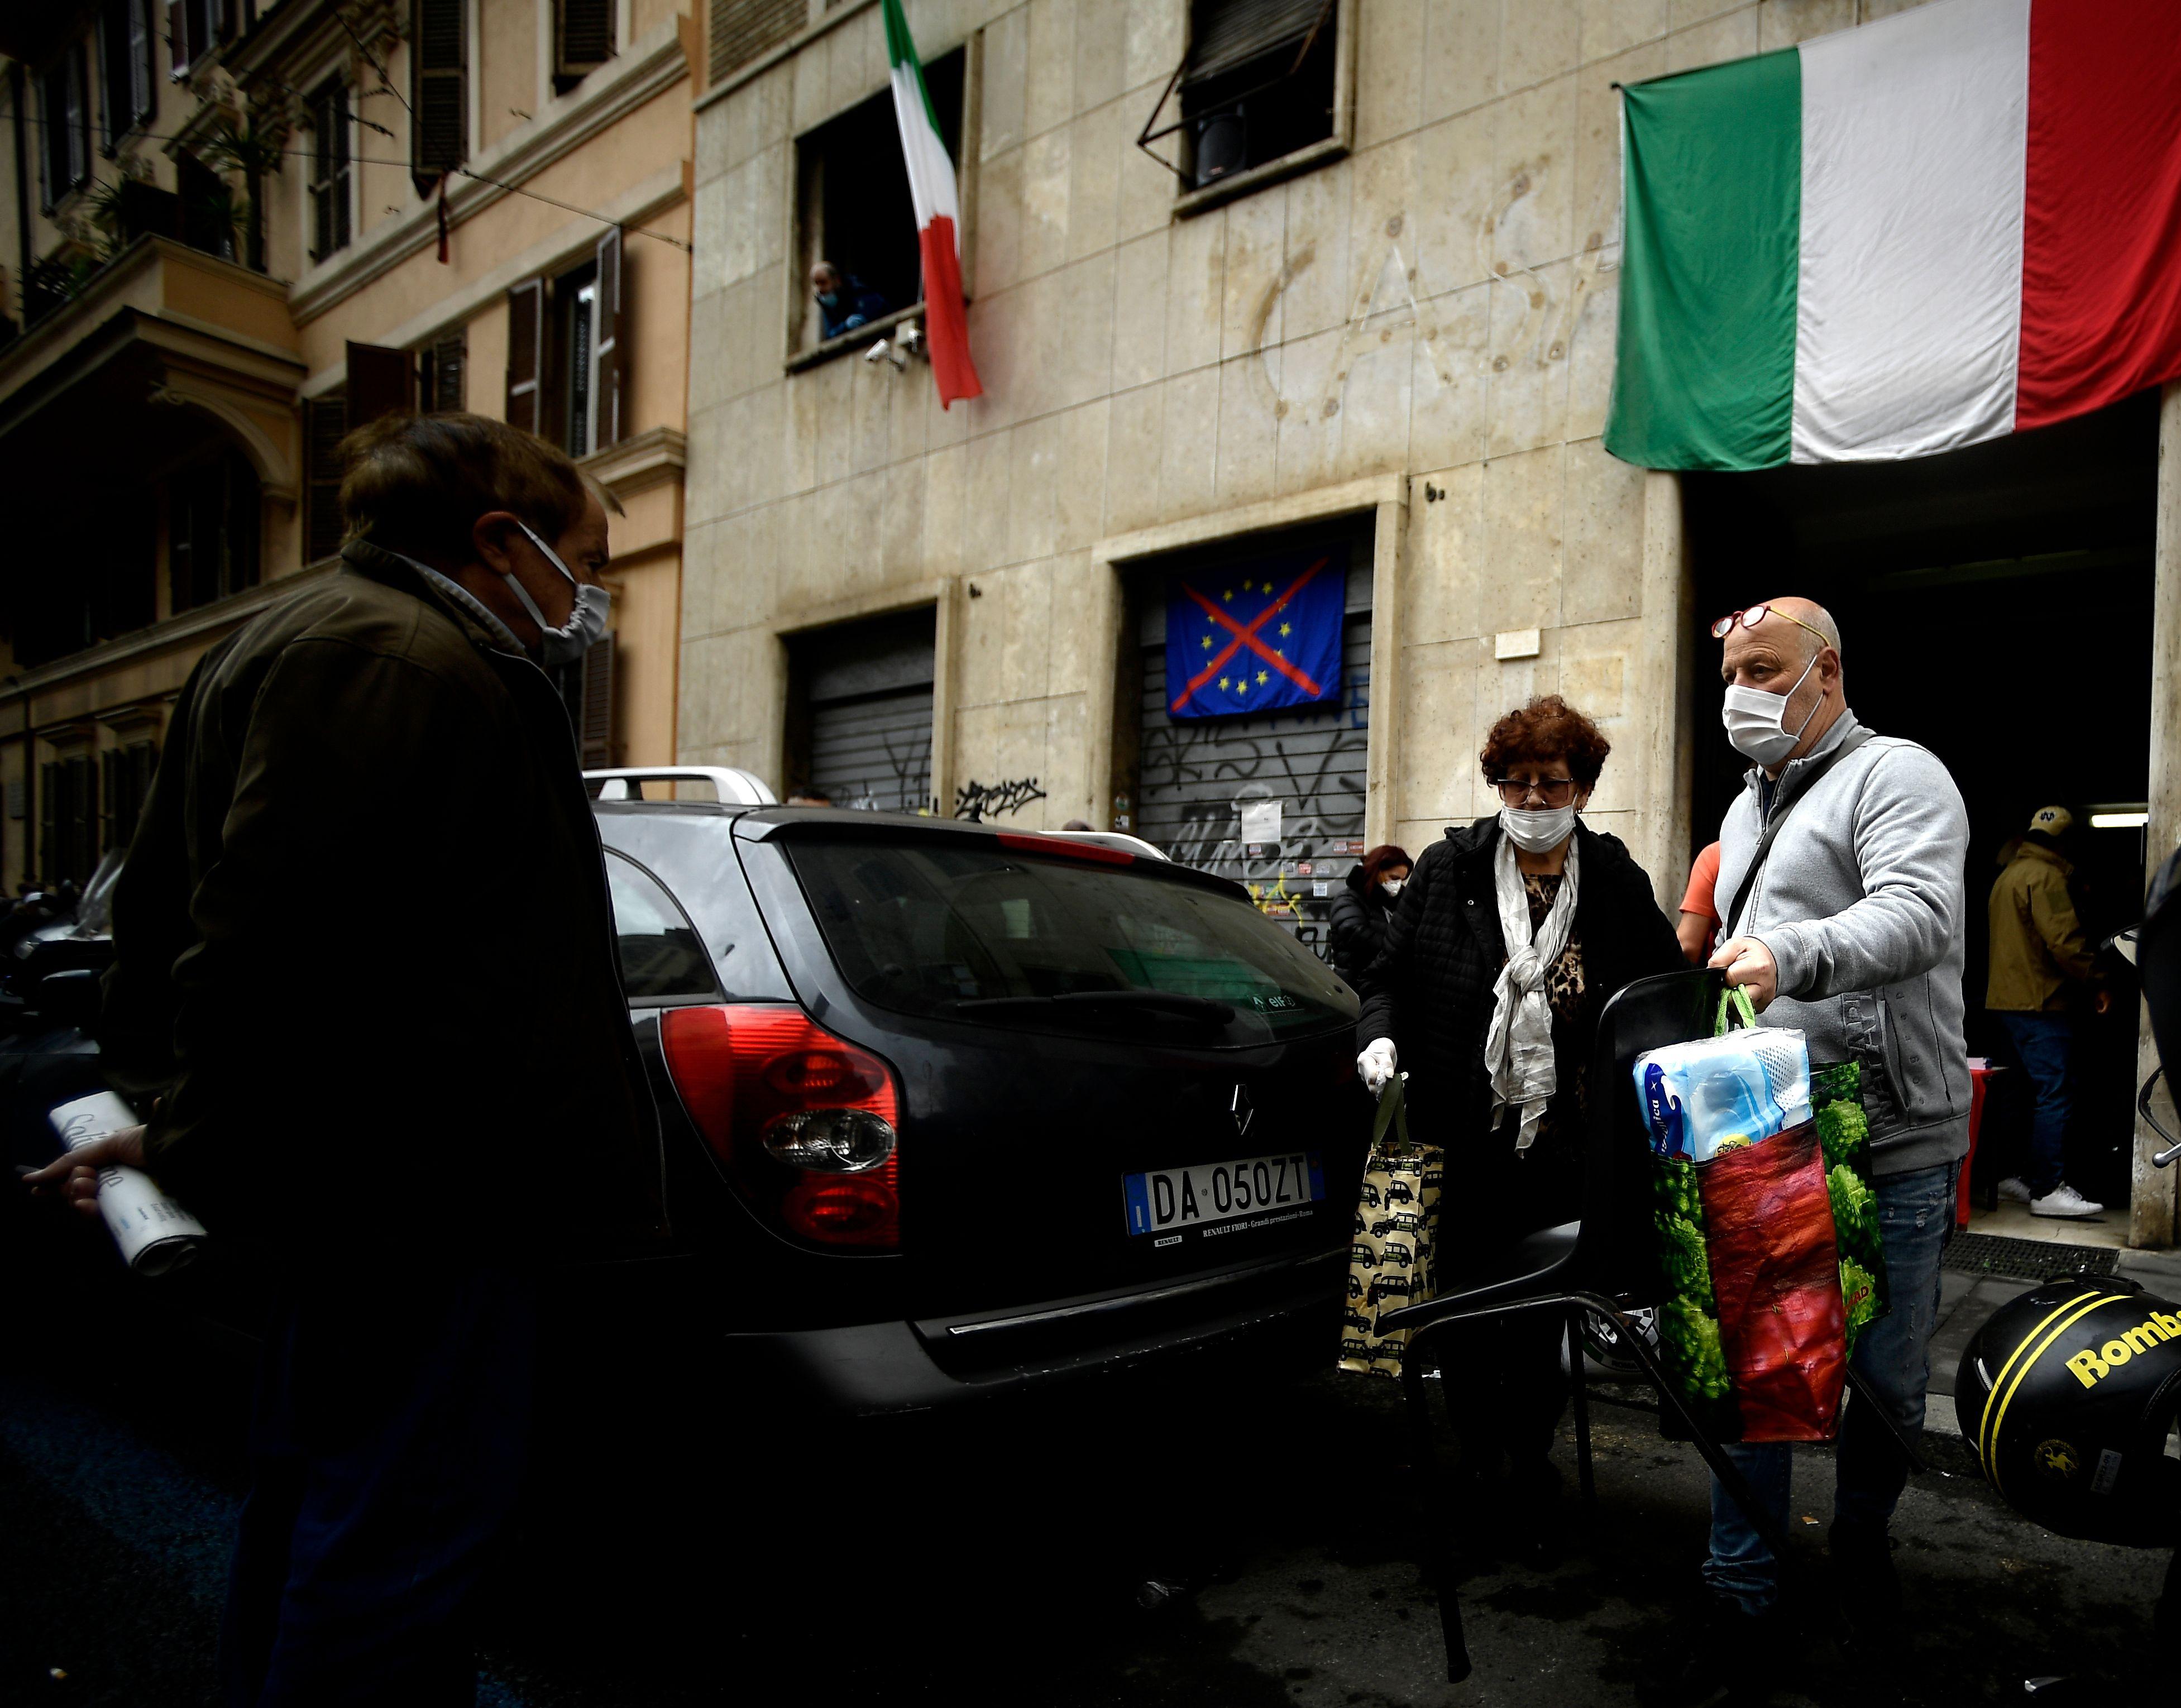 意大利疫情好转 新增治愈首次超越确诊